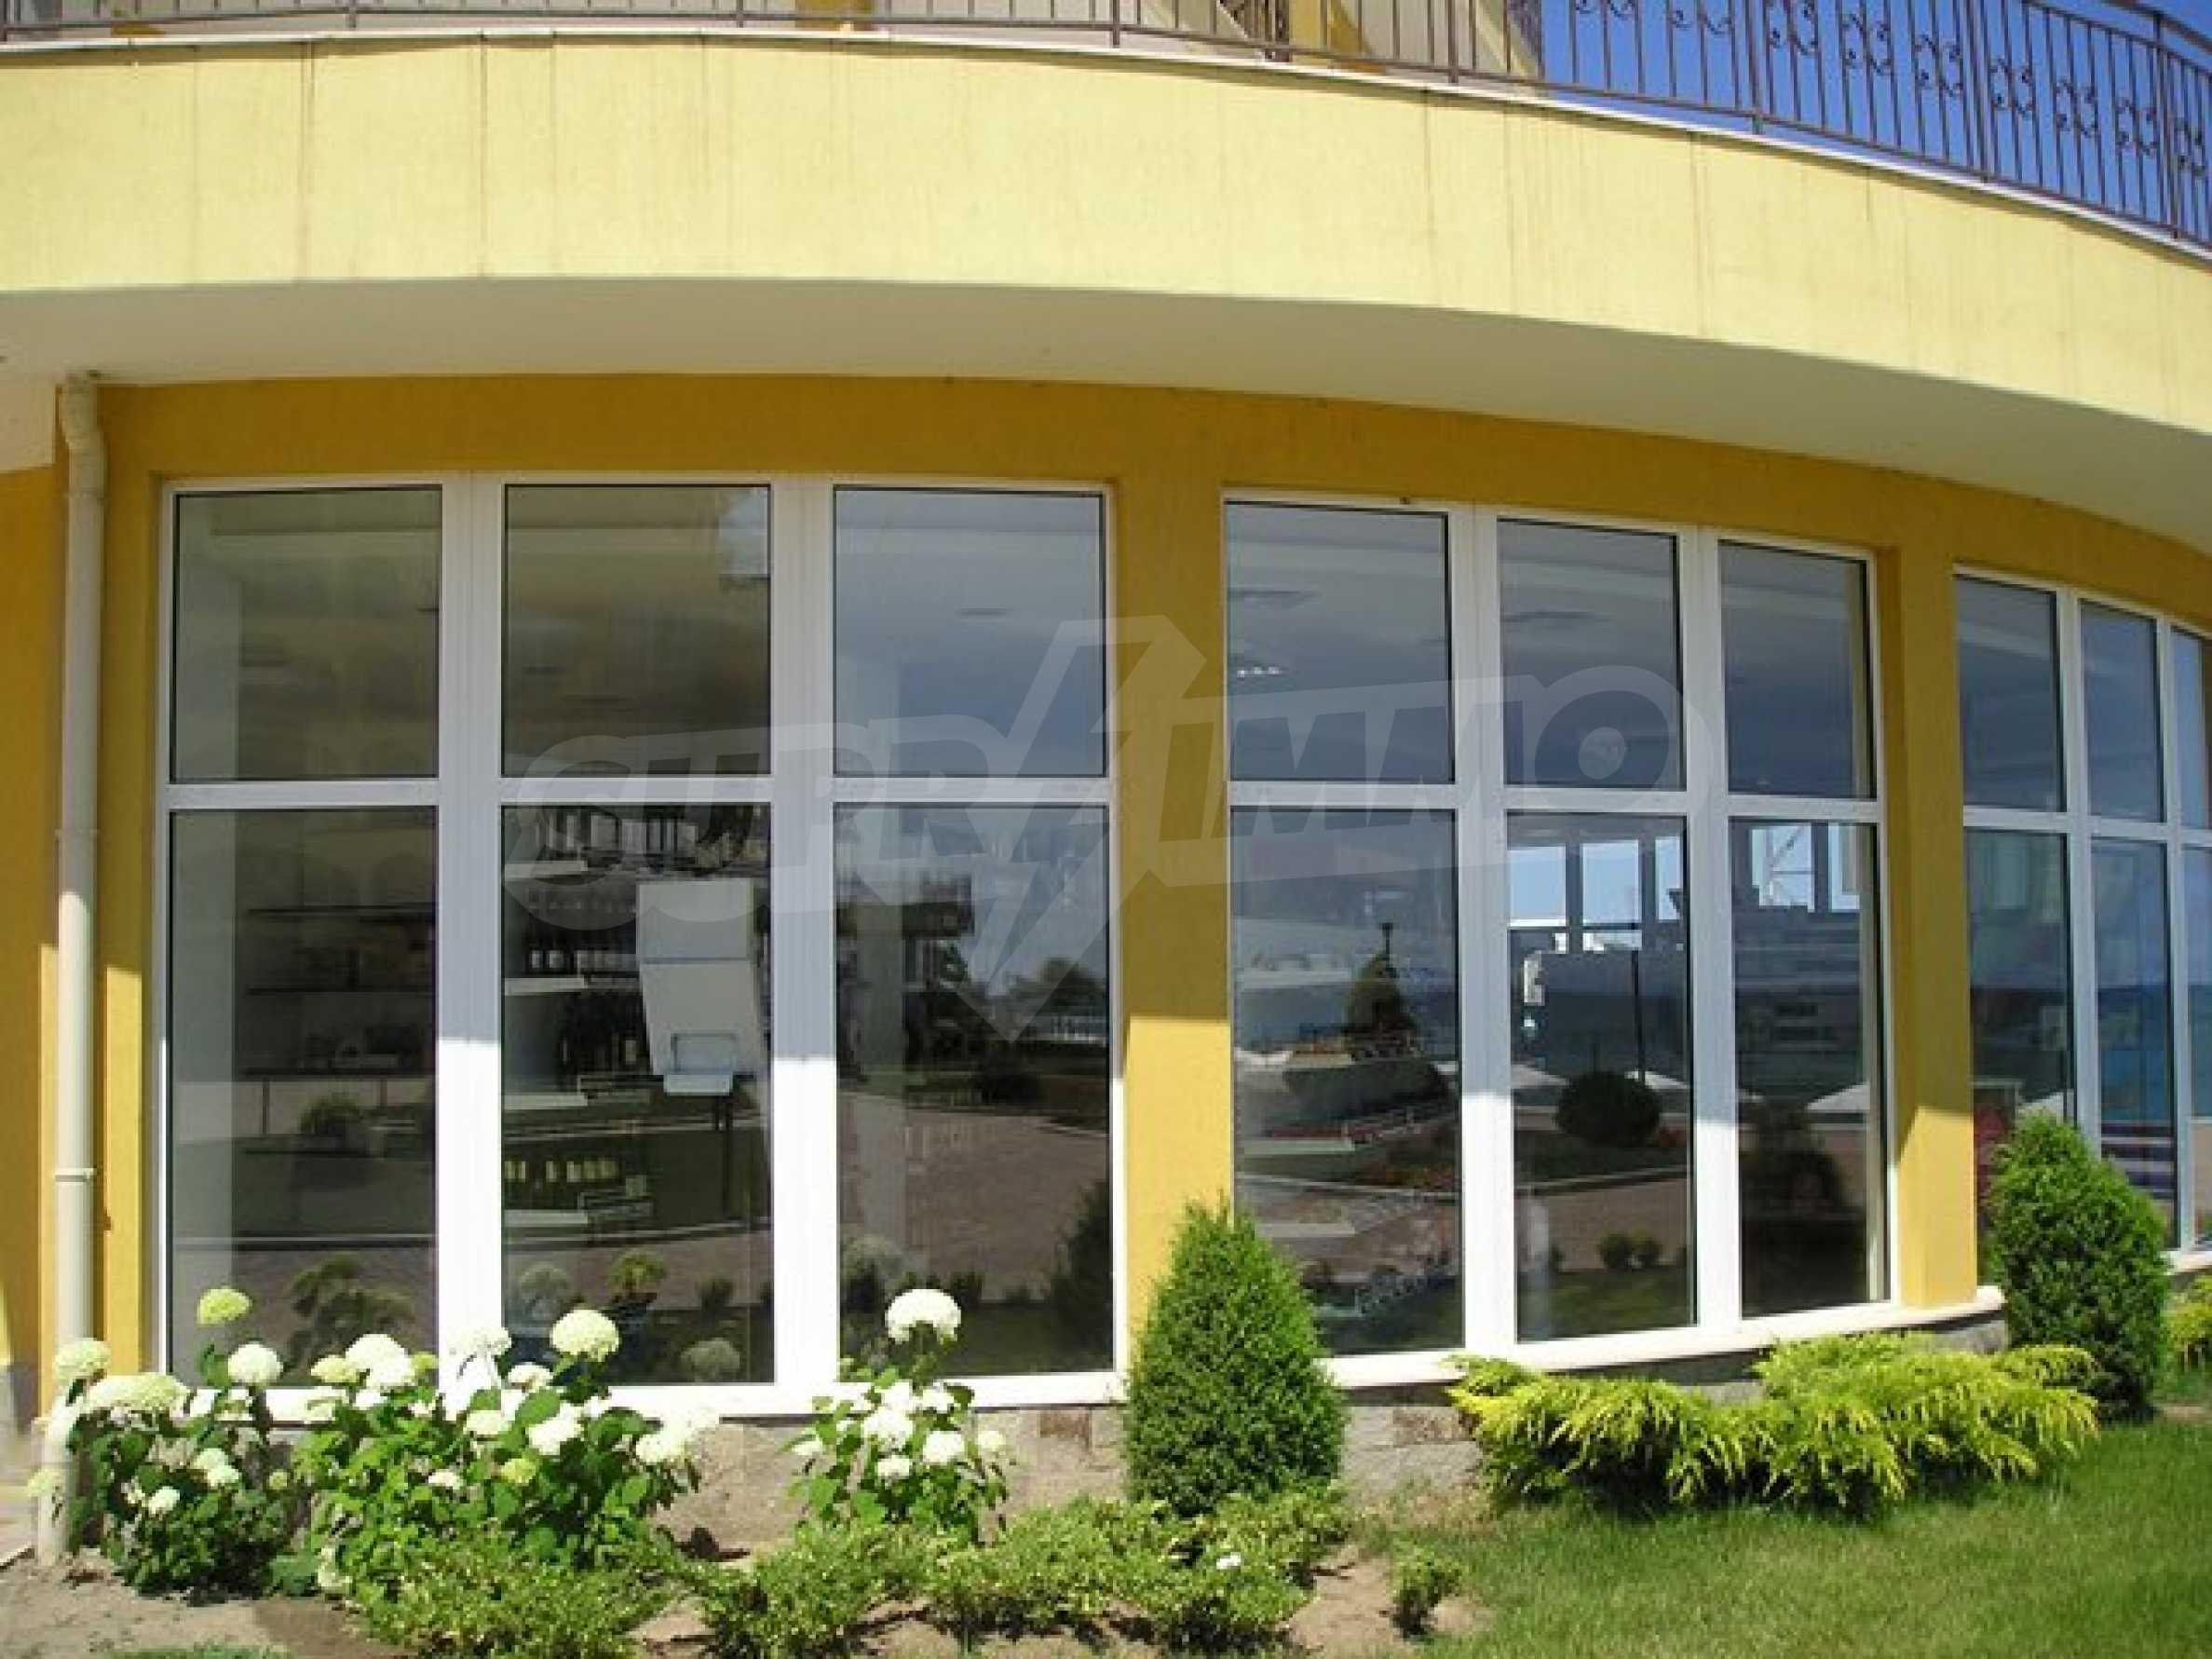 Studio zum Verkauf im Midia Grand Resort in Aheloy 38